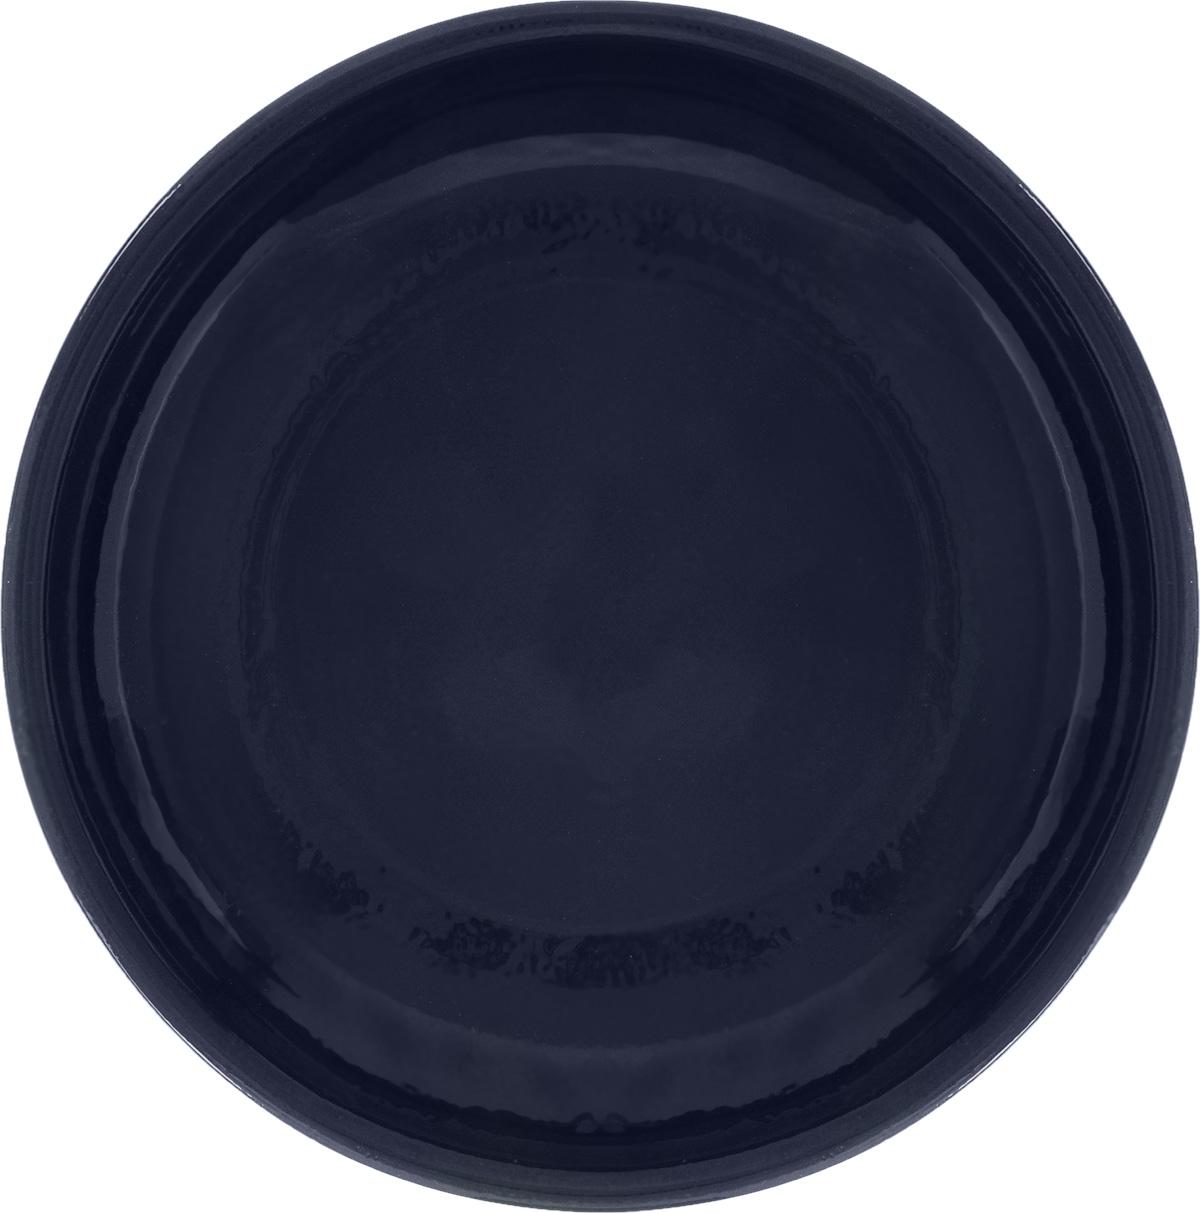 Тарелка Борисовская керамика Радуга, цвет: темно-синий, диаметр 18 см115510Тарелка Борисовская керамика Радуга, изготовленная из глины, имеет изысканный внешний вид. Лаконичный дизайн придется по вкусу и ценителям классики, и тем, кто предпочитает утонченность. Такая тарелка идеально подойдет для сервировки стола, а также для запекания вторых блюд в духовке.Тарелка Борисовская керамика Радуга впишется в любой интерьер современной кухни и станет отличным подарком для вас и ваших близких.Можно использовать в микроволновой печи и духовке. Диаметр (по верхнему краю): 18 см.